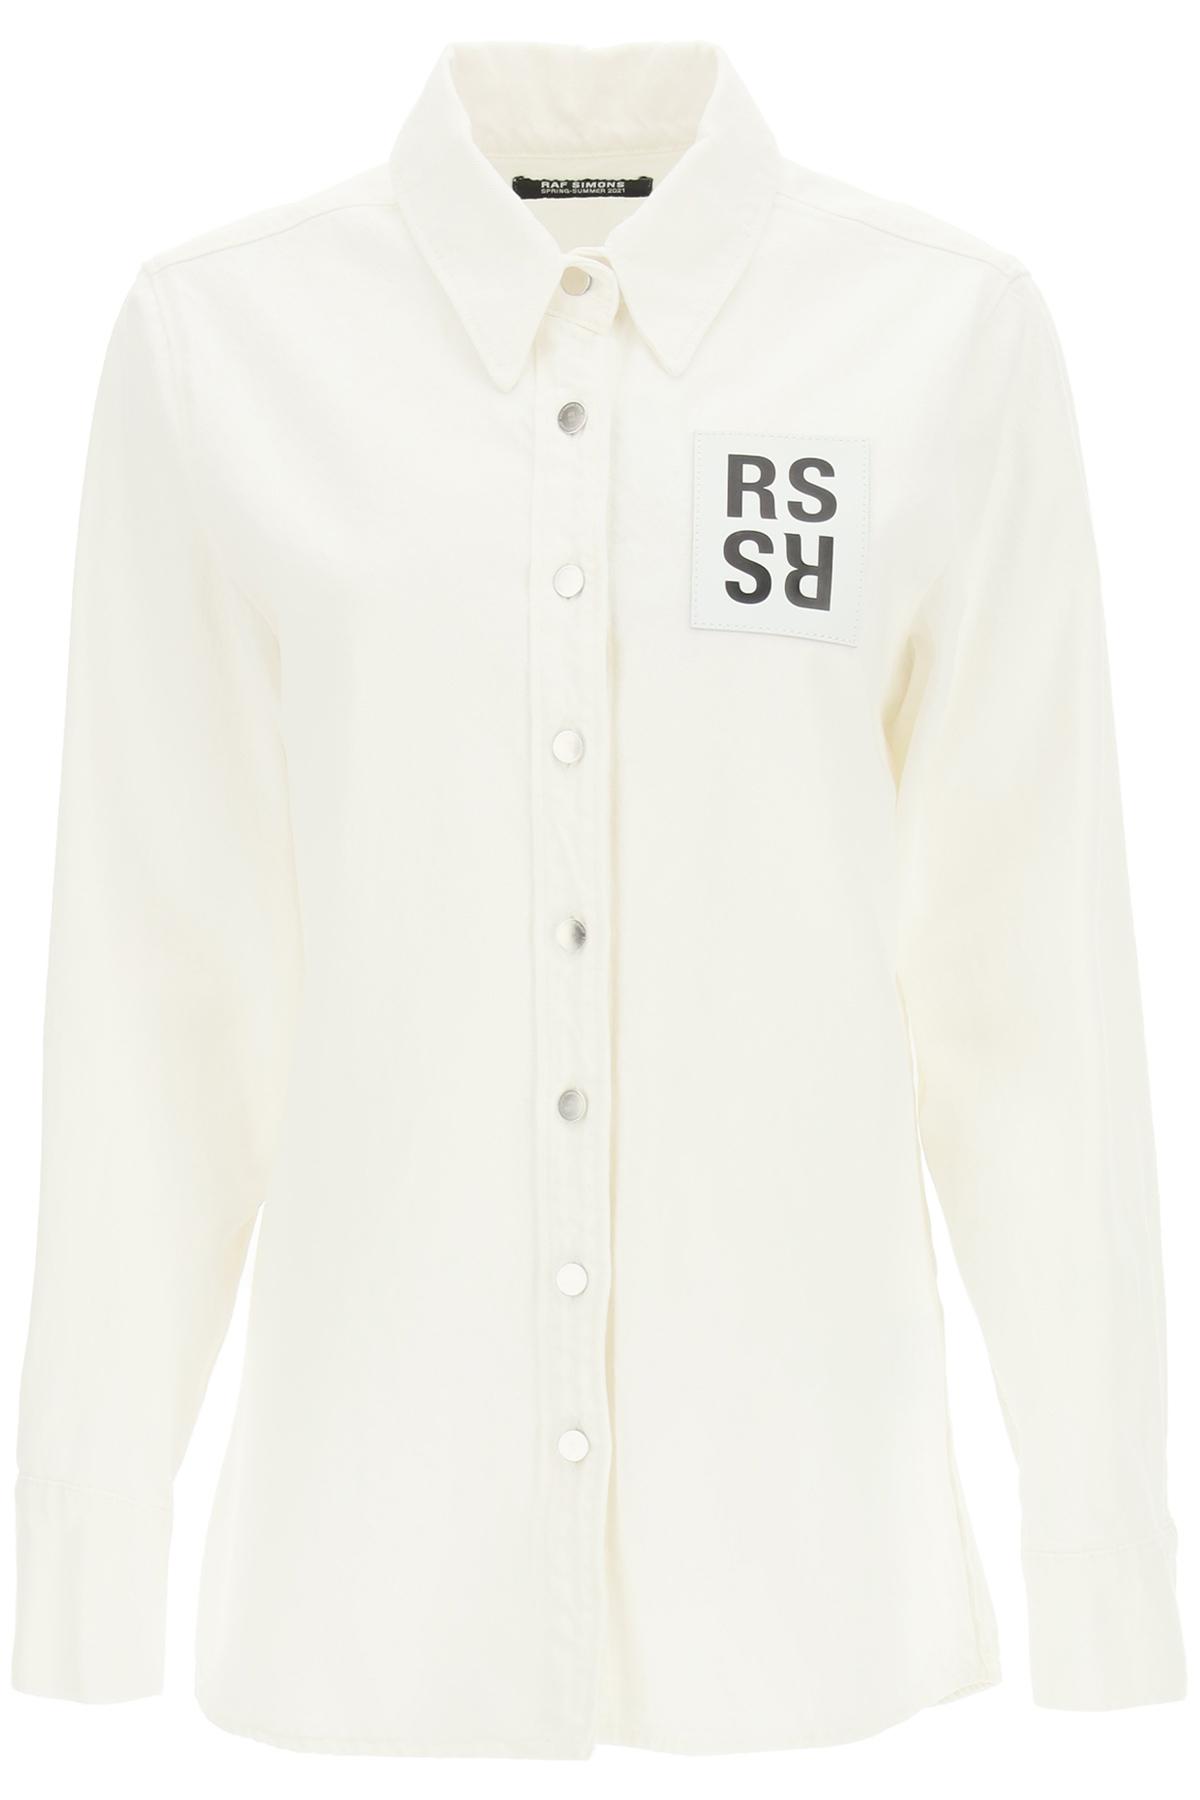 Raf simons camicia denim con patch logo